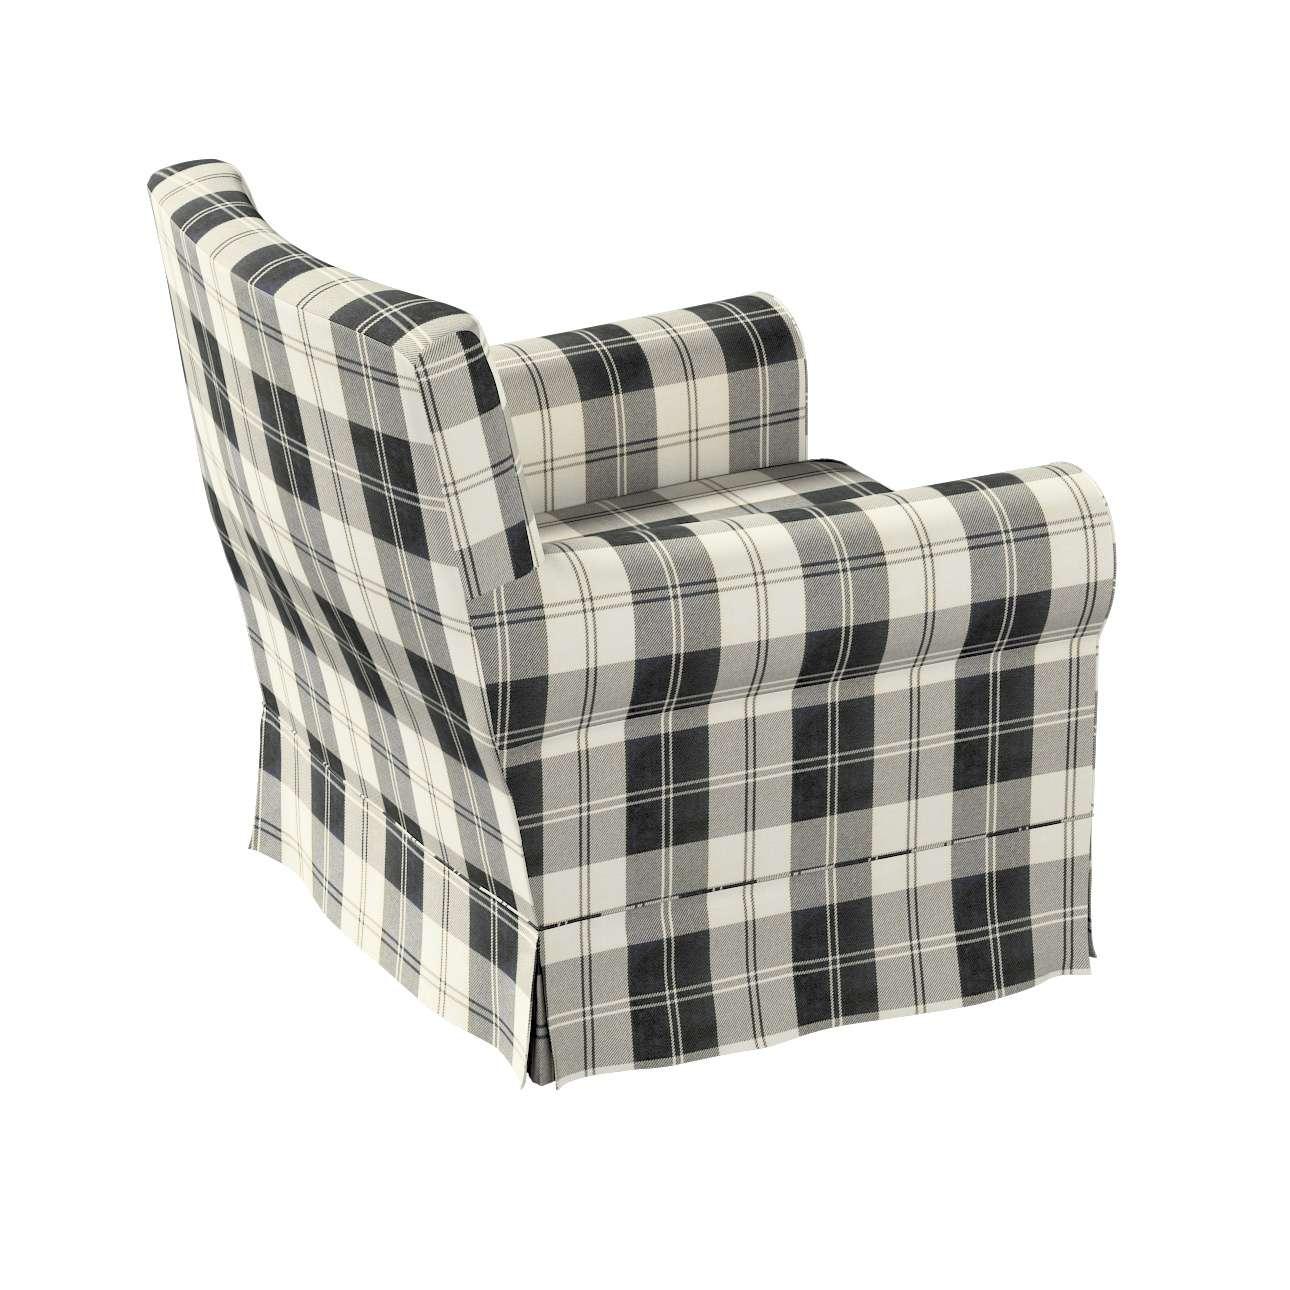 Pokrowiec na fotel Ektorp Jennylund w kolekcji Edinburgh, tkanina: 115-74